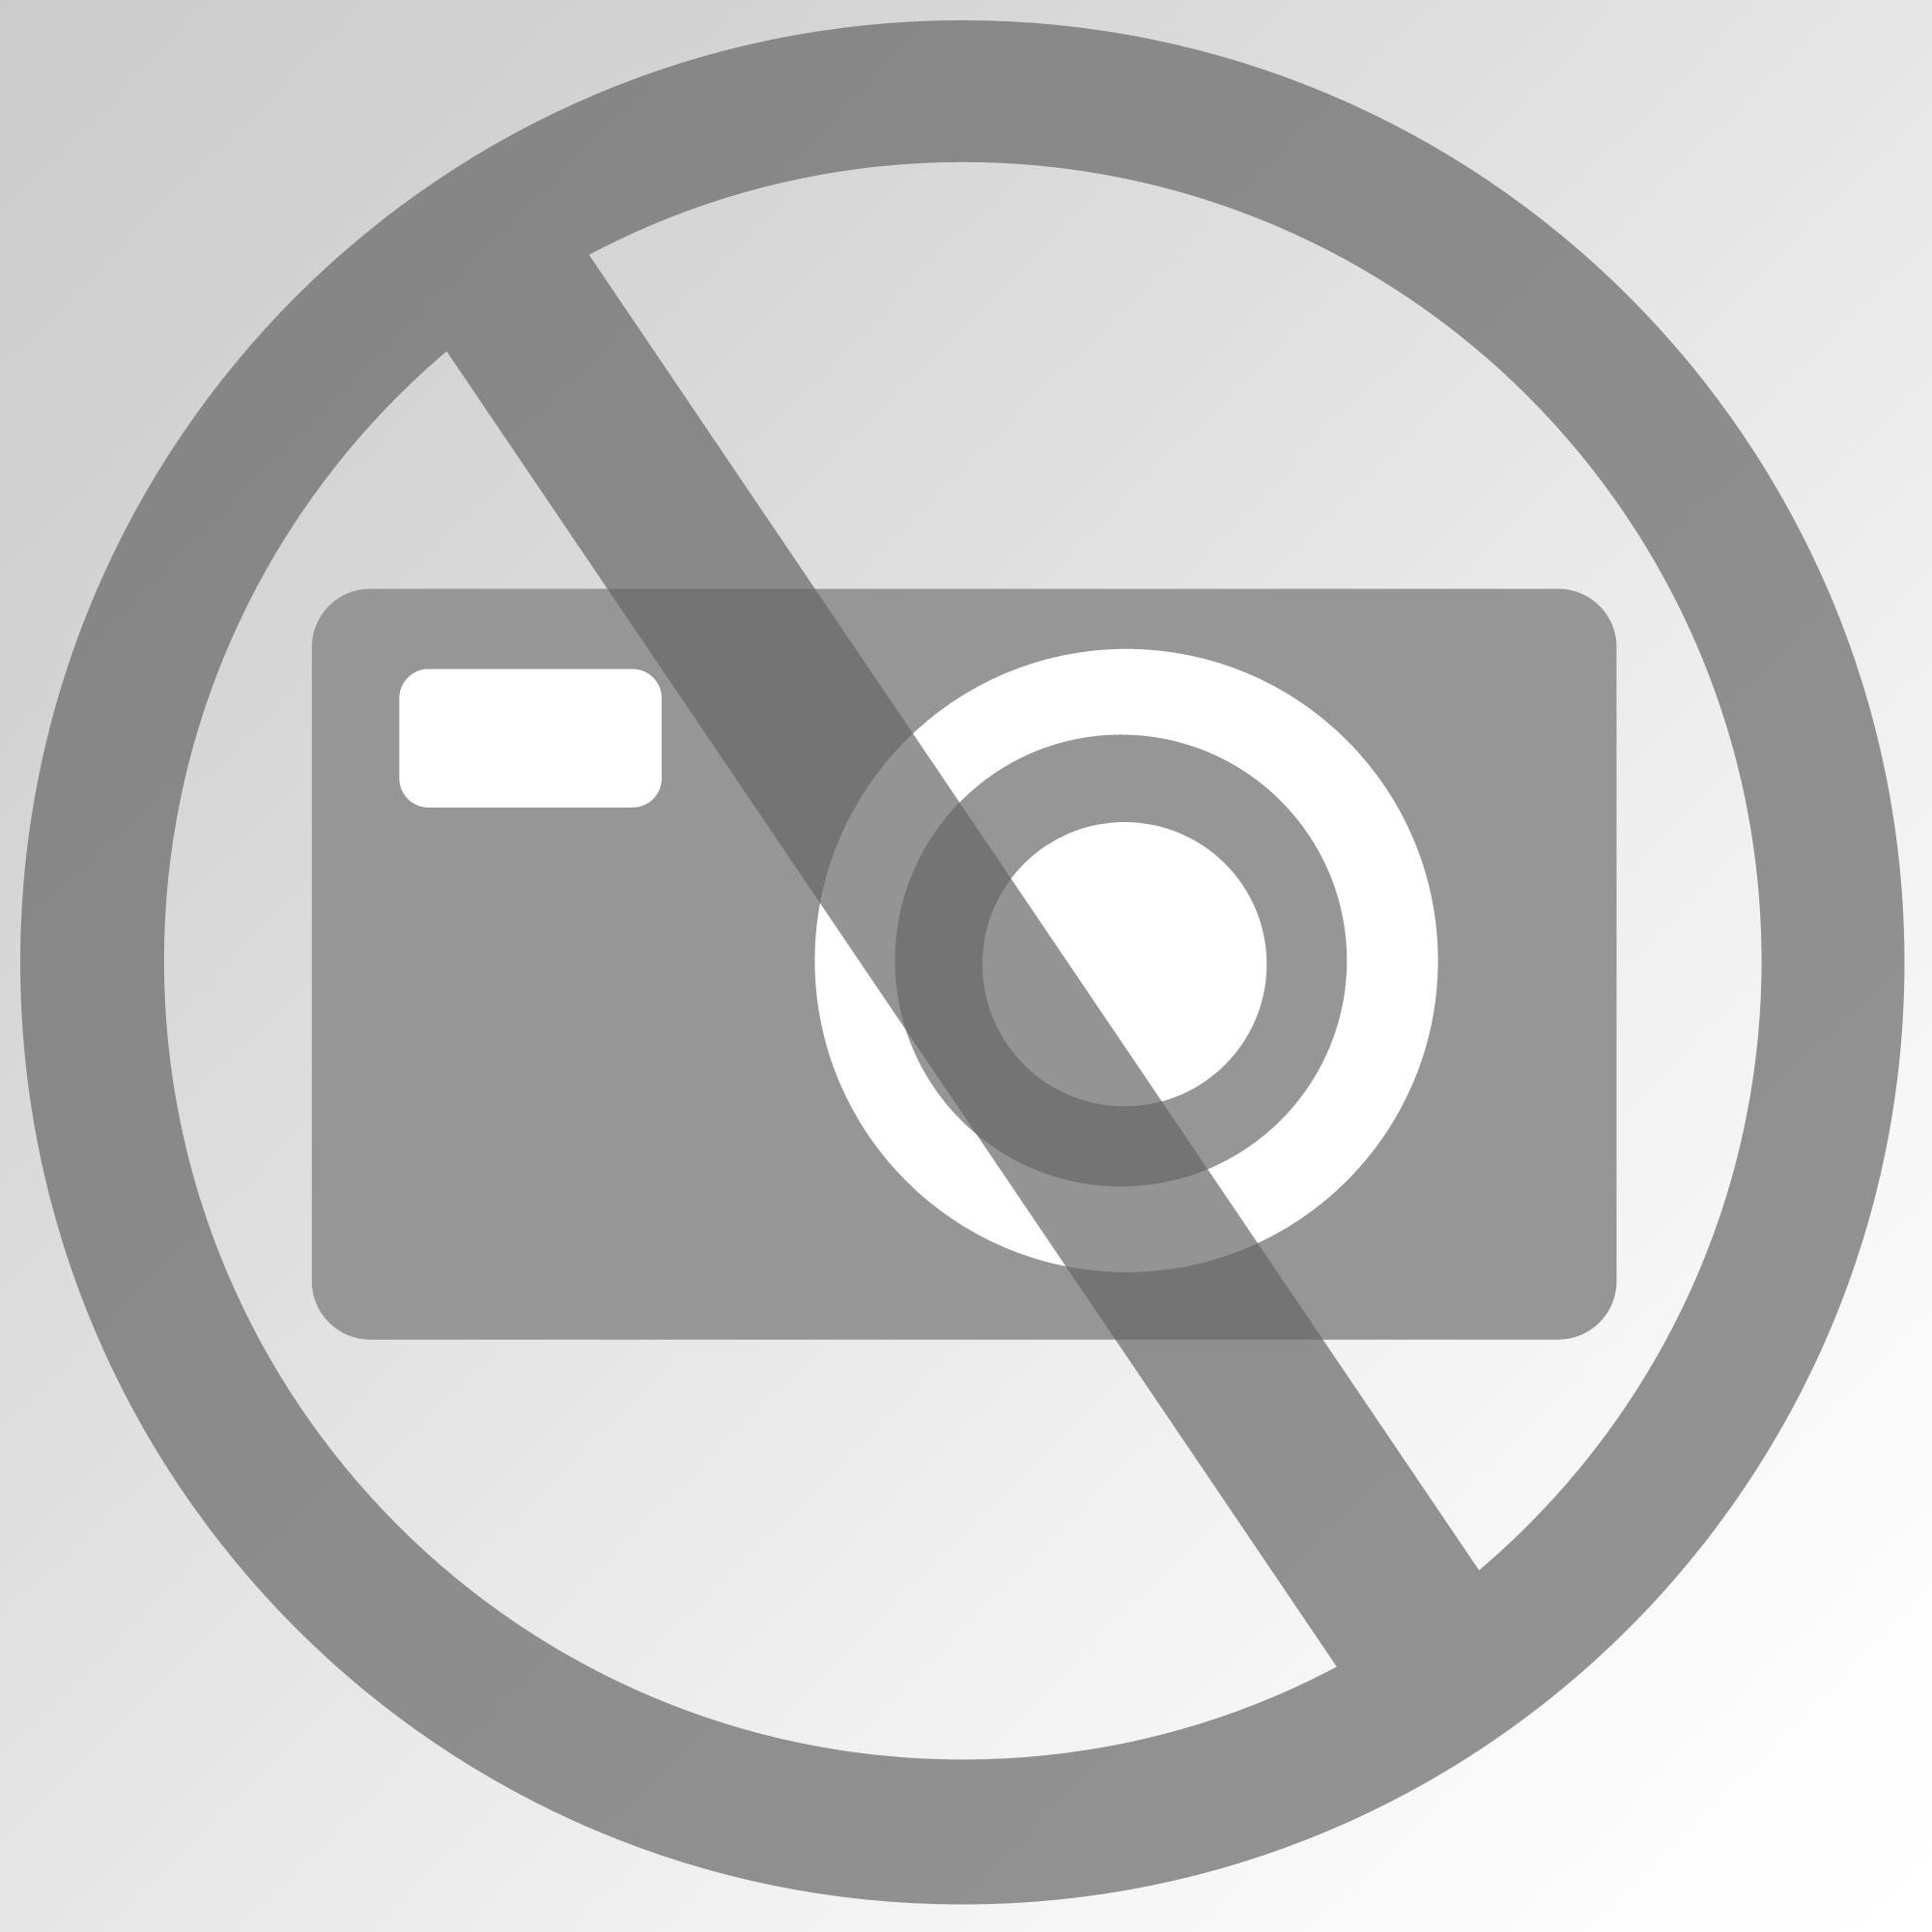 Remove Desinfektionstücher free mit 80 Tüchern